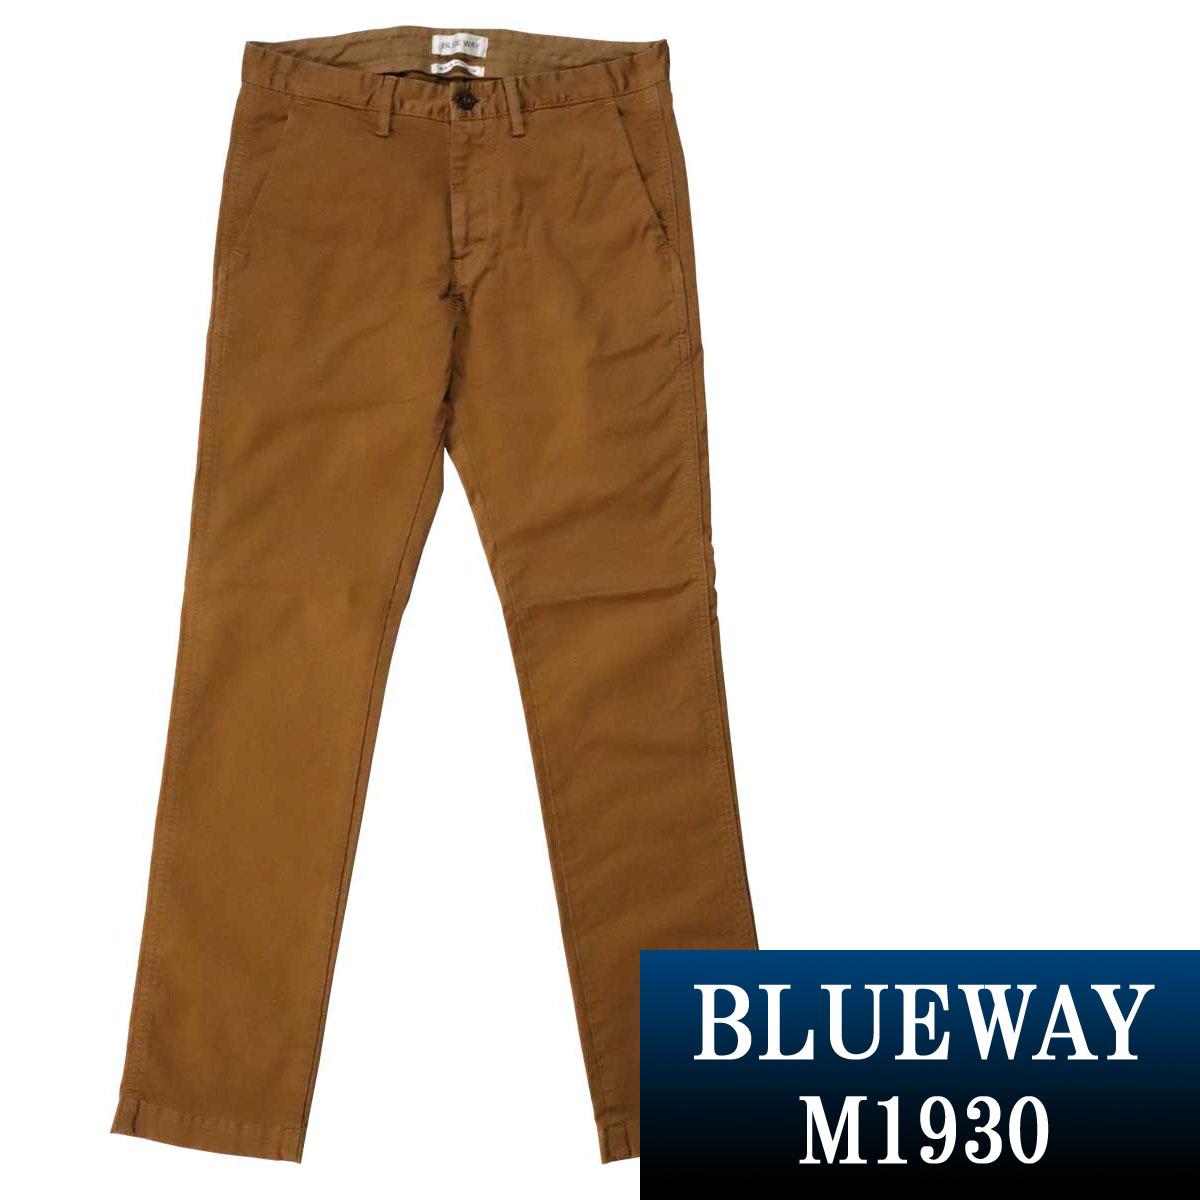 BLUEWAY:コーマストレッチサテン・トラウザーズ(ゴールド):M1930-23 ブルーウェイ パンツ メンズ 裾上げ